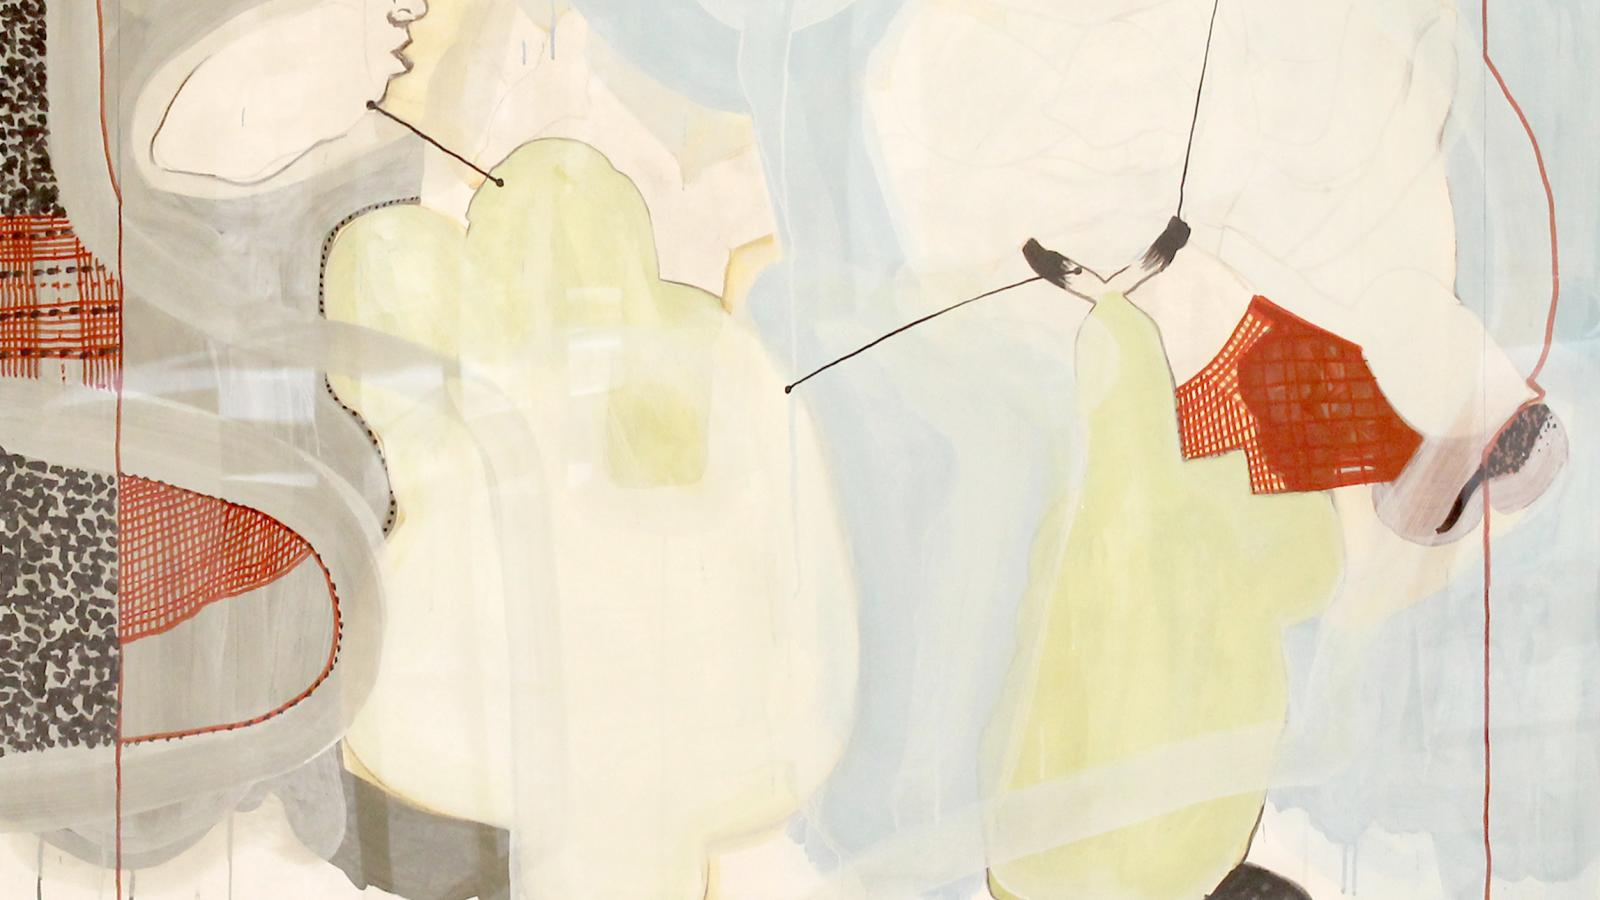 Jean-Michel ALBÉROLA_Plumeau_2003_136 x 147 cm_gouache sur papier